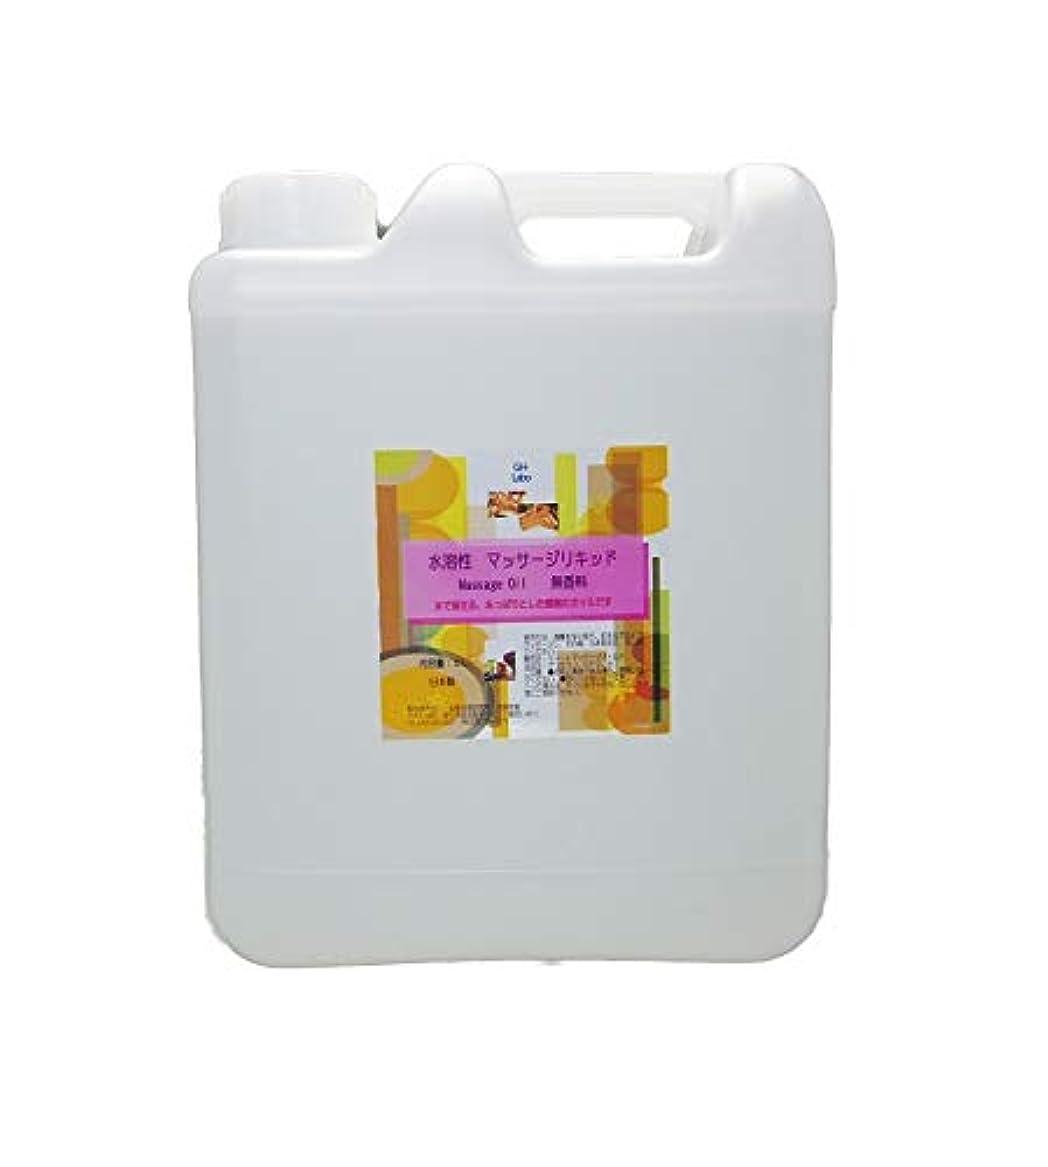 ミキサー脚本家農業GH-Labo 水溶性マッサージリキッド(マッサージオイル) 5L